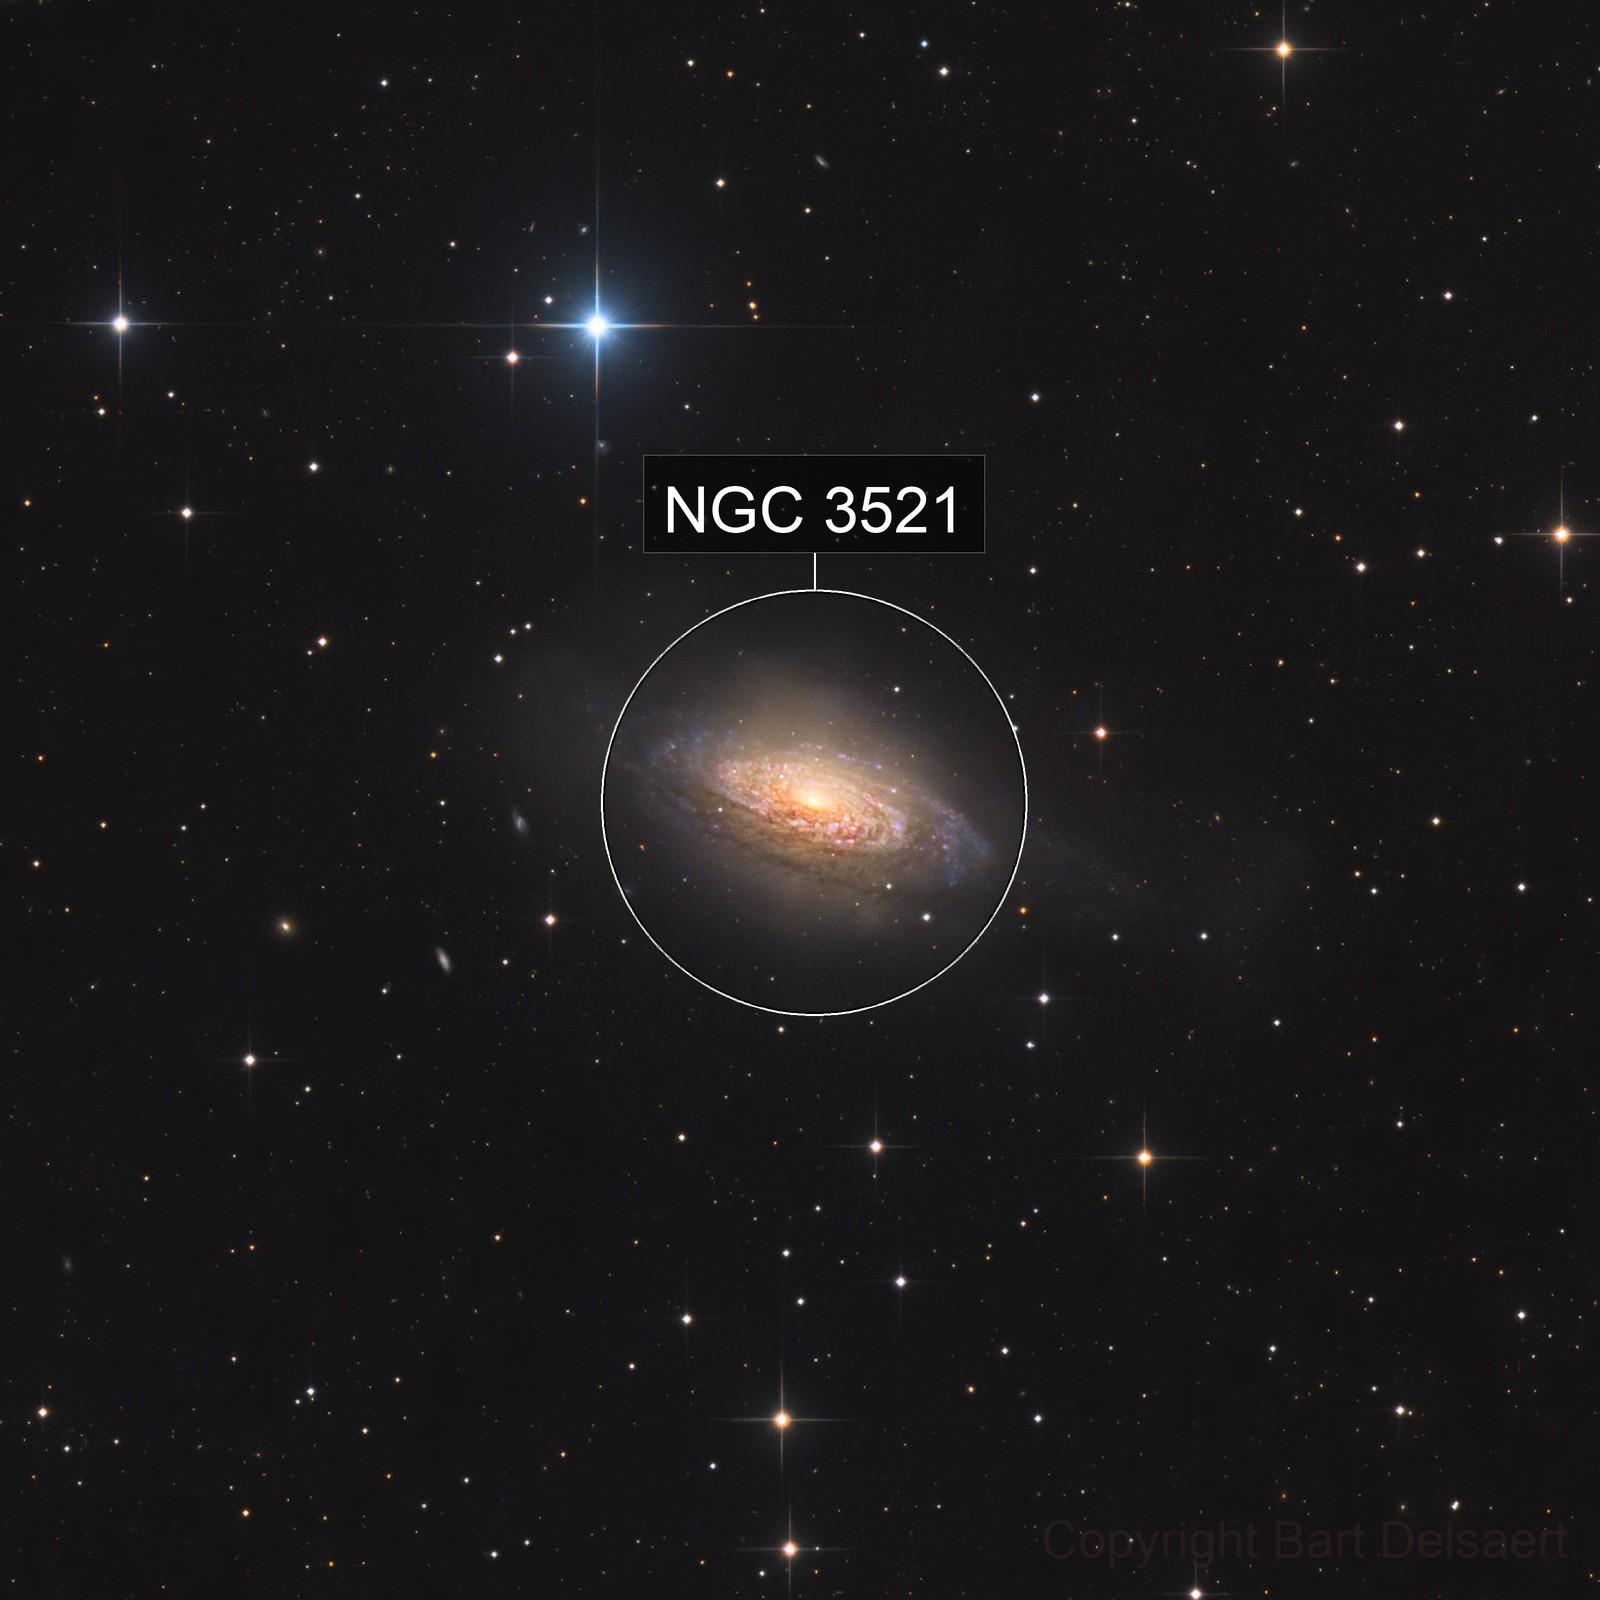 Dusty NGC 3521